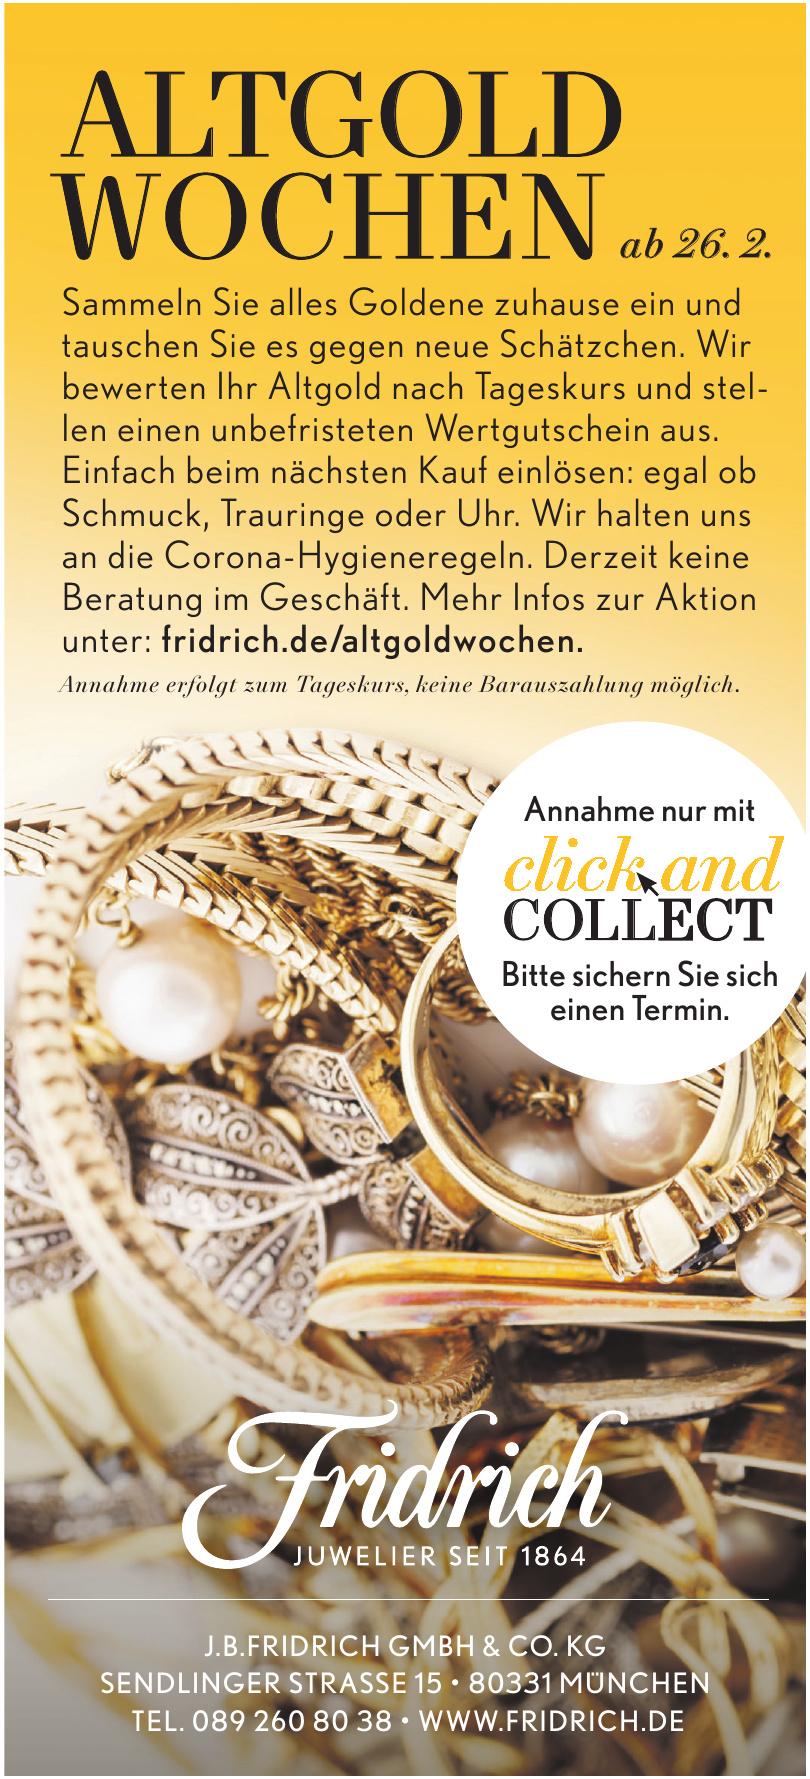 Juwelier Fridrich: Neue Interpretation für Ihr Altgold Image 3